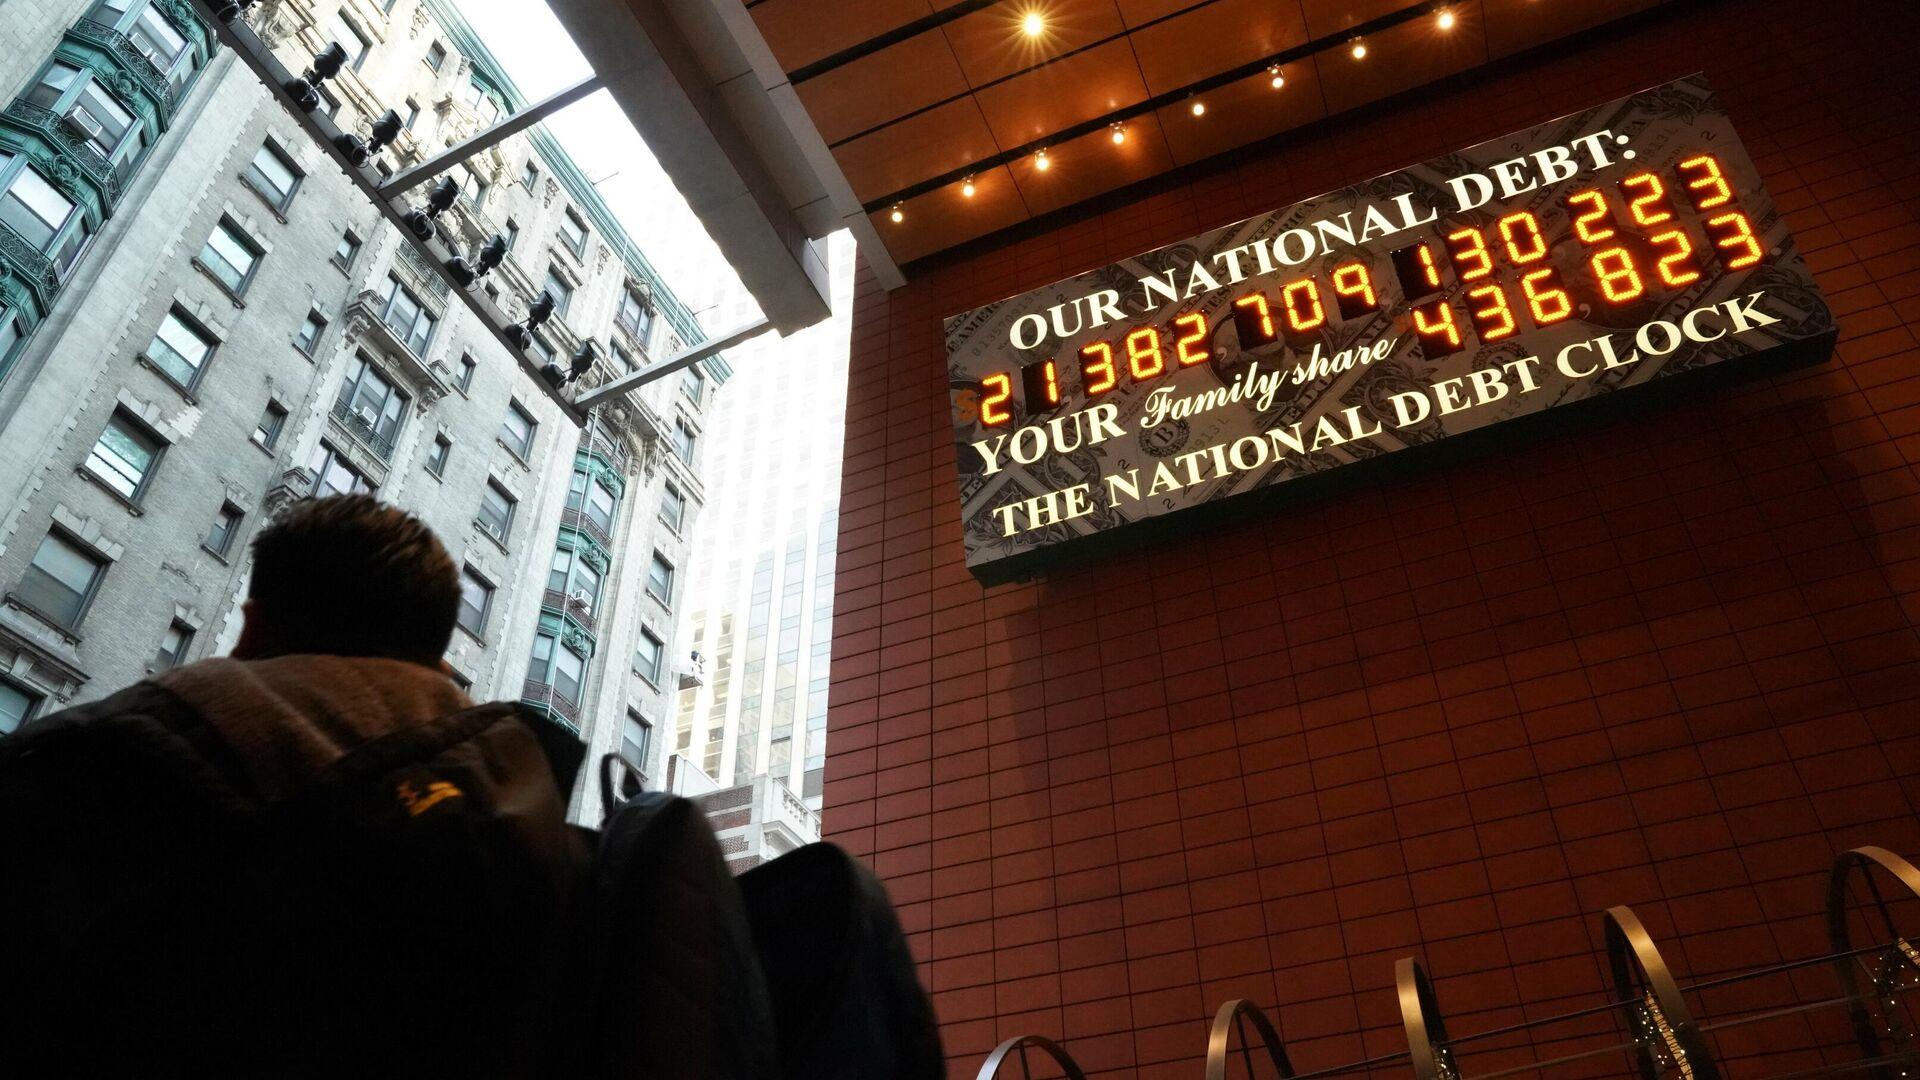 Счетчик государственного долга США на Манхэттене в Нью-Йорке. 15 февраля 2019 - РИА Новости, 1920, 15.08.2021